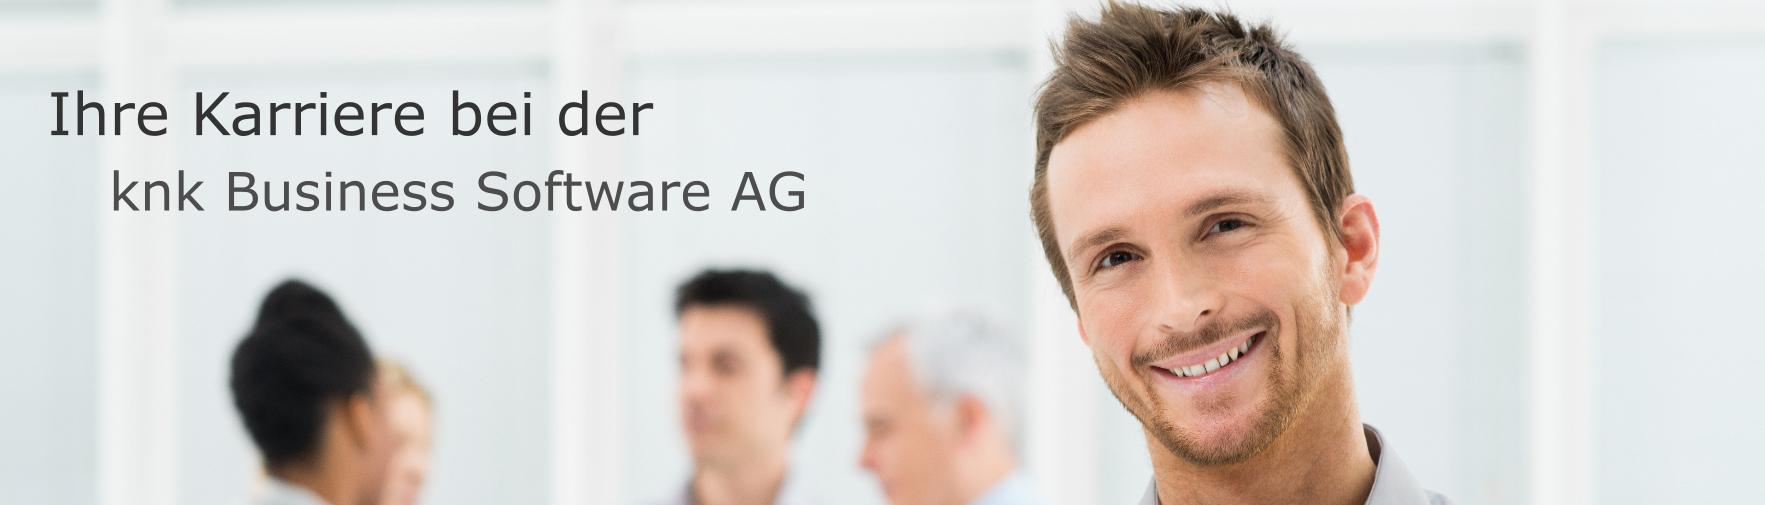 Karriere bei der knk Business Software AG